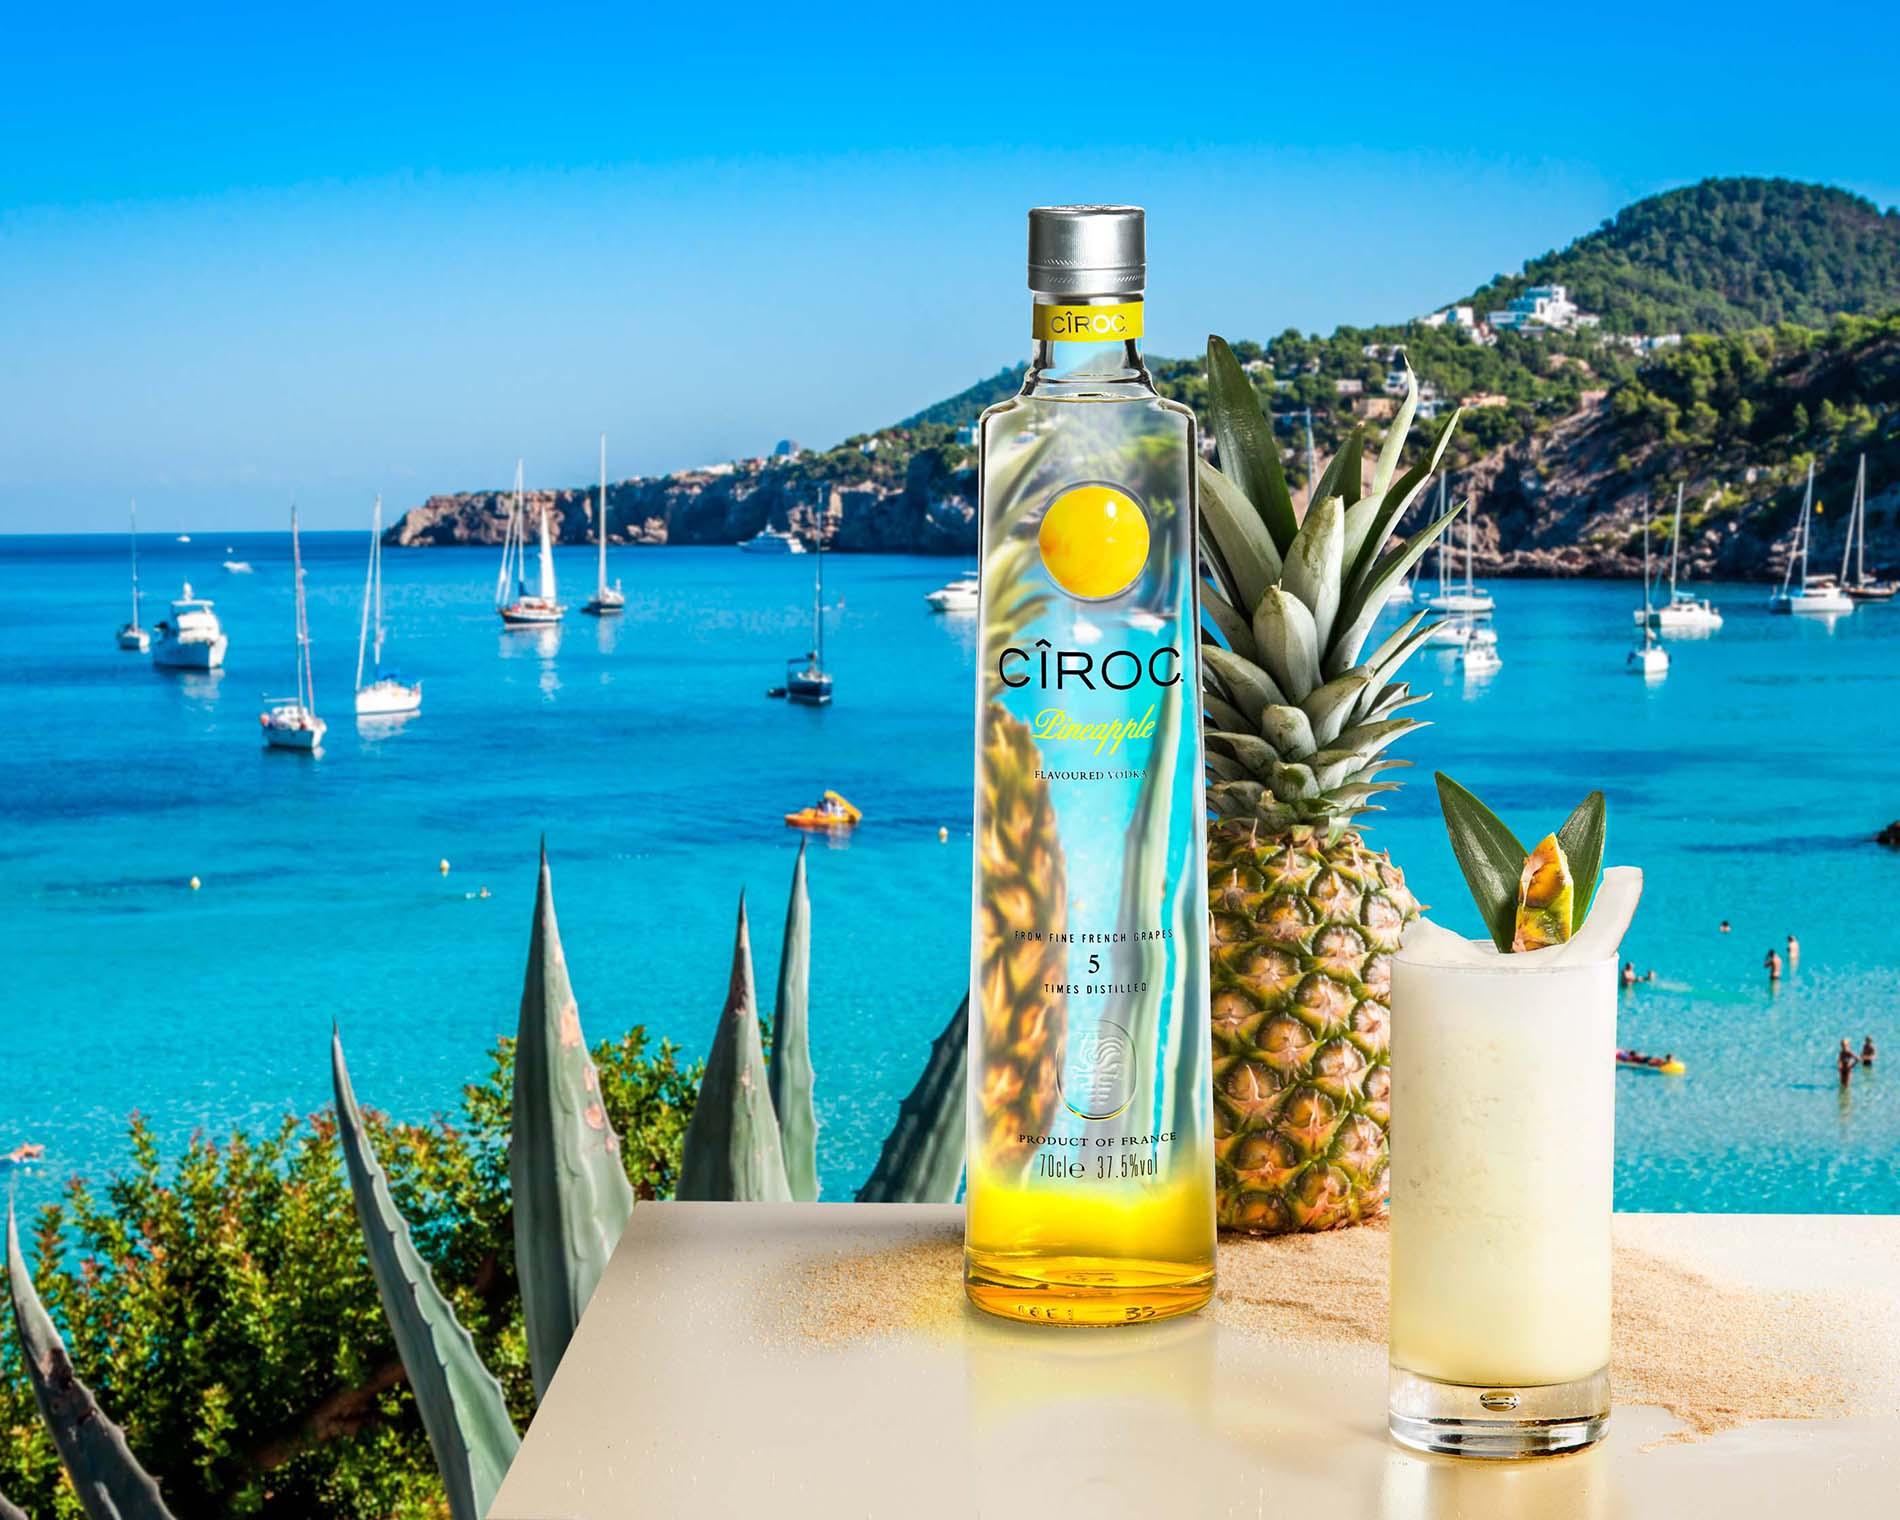 Cîroc recorre la Ibiza del lujo con Mario Testino